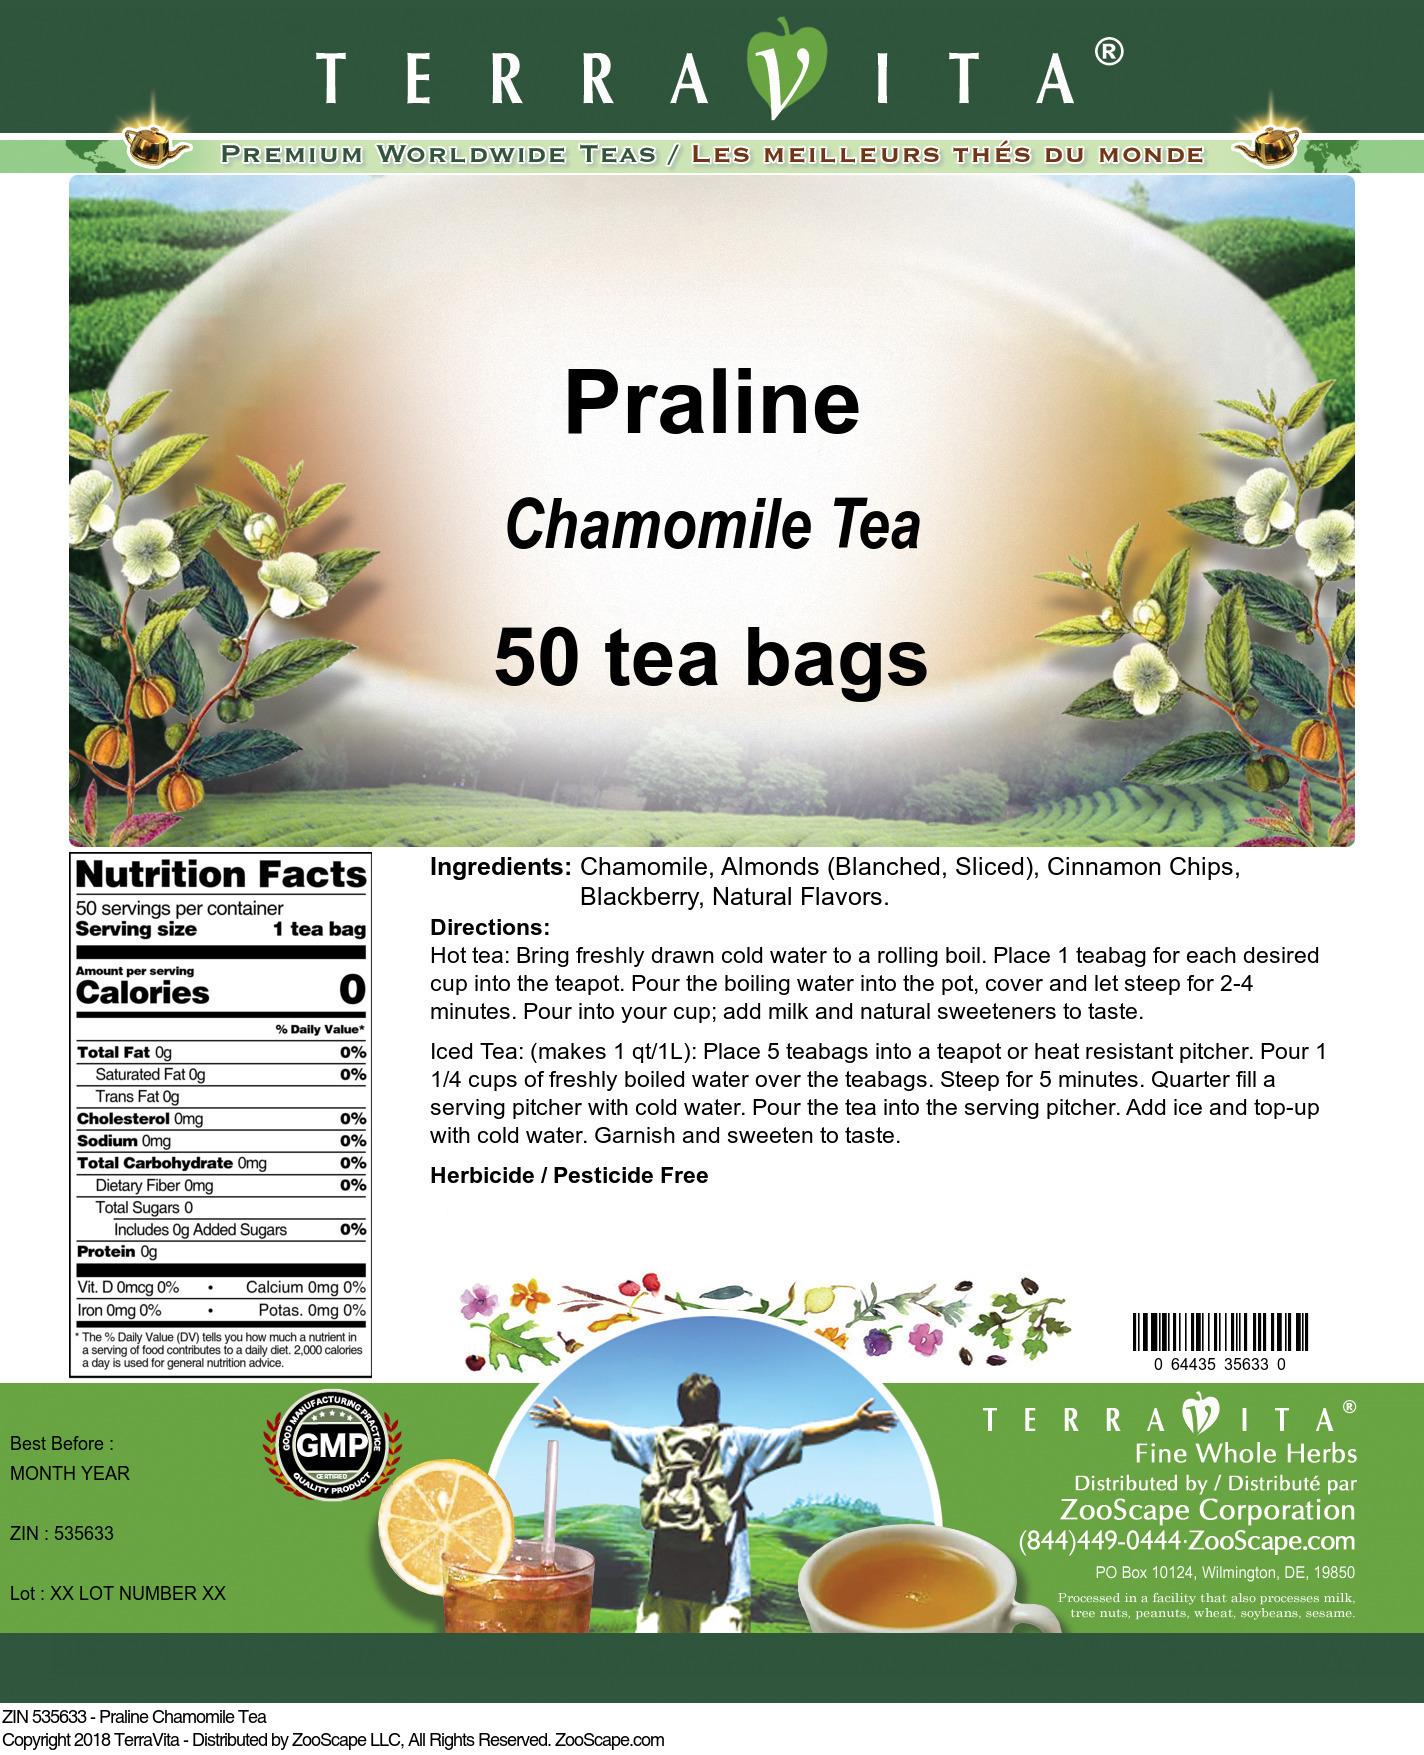 Praline Chamomile Tea